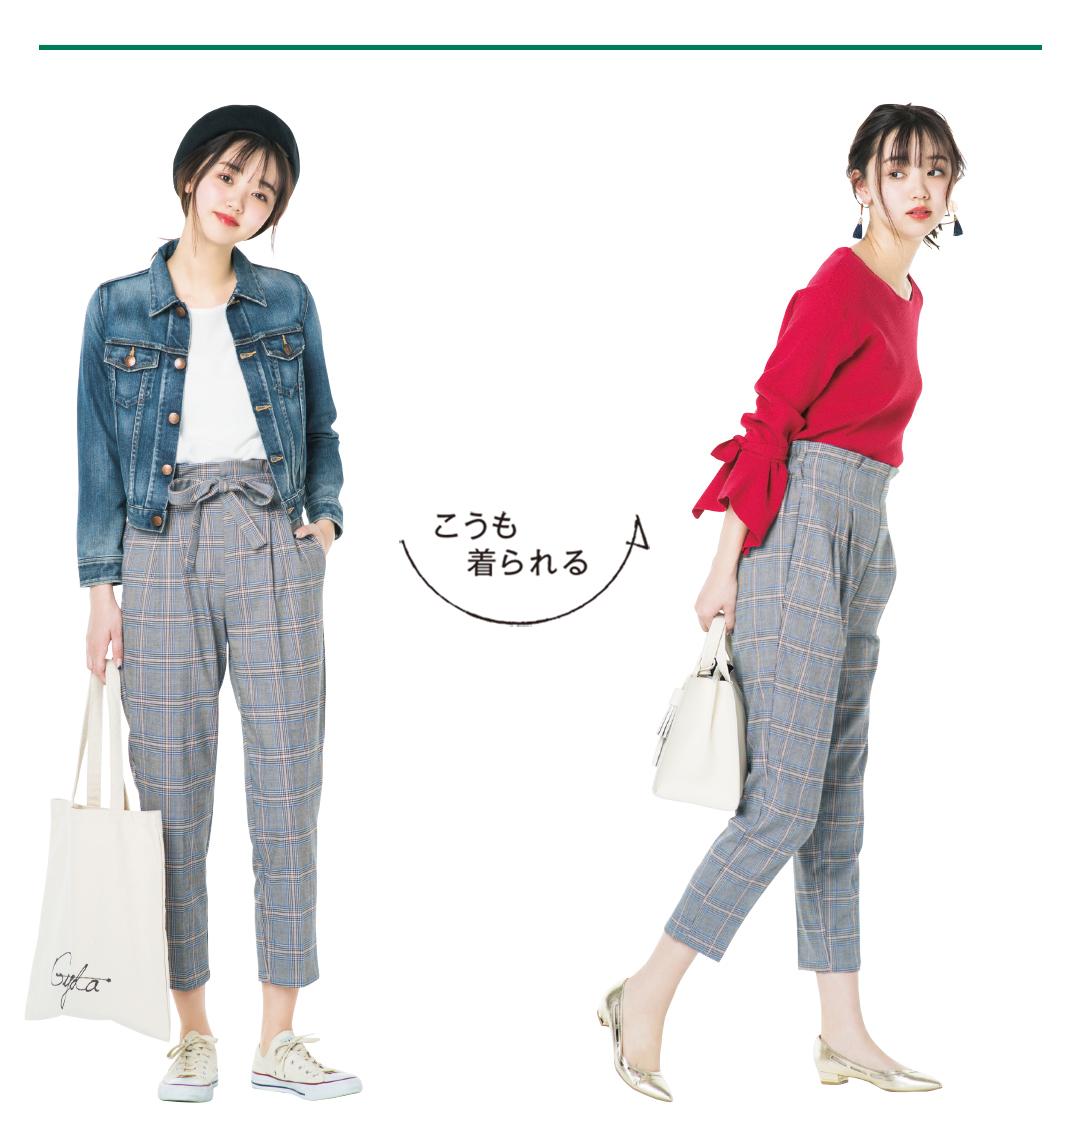 スタイルよく見えてキレイめ♡「テーパードパンツ」で、この春は大人っぽデビュー!_1_3-1